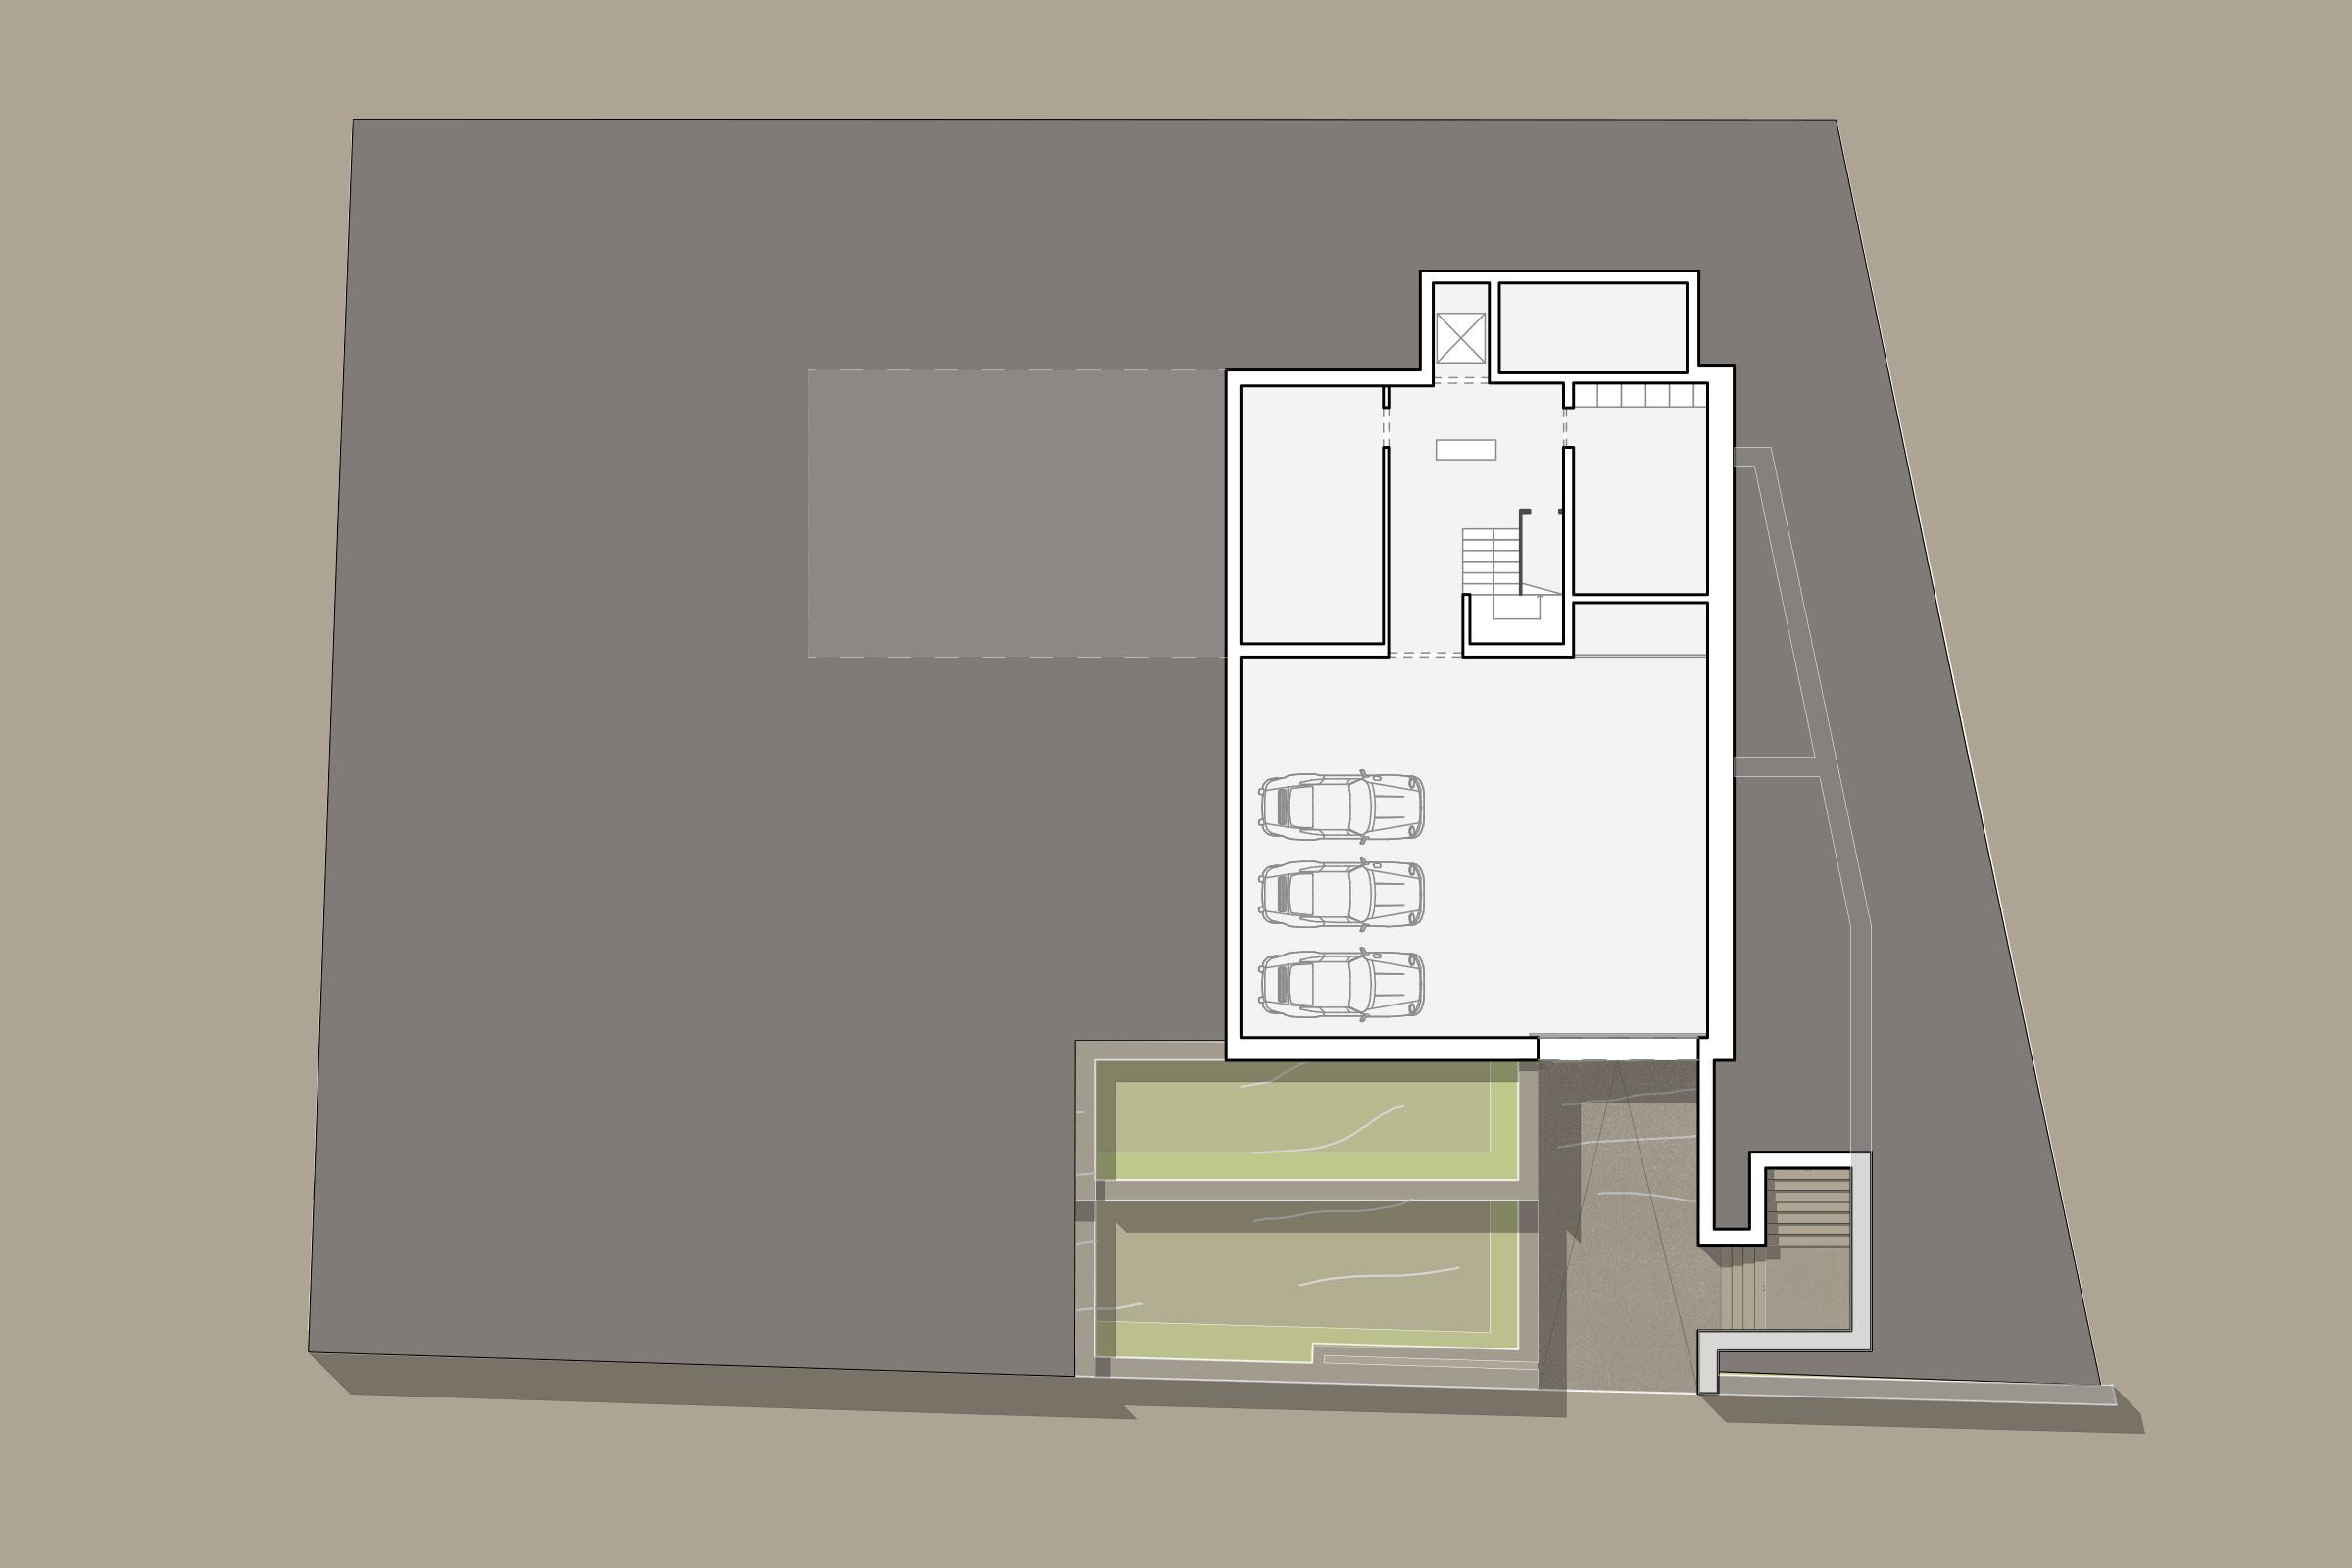 Grundriss Garage - Luxus-Immobilie in Port d'Andratx auf Mallorca kaufen